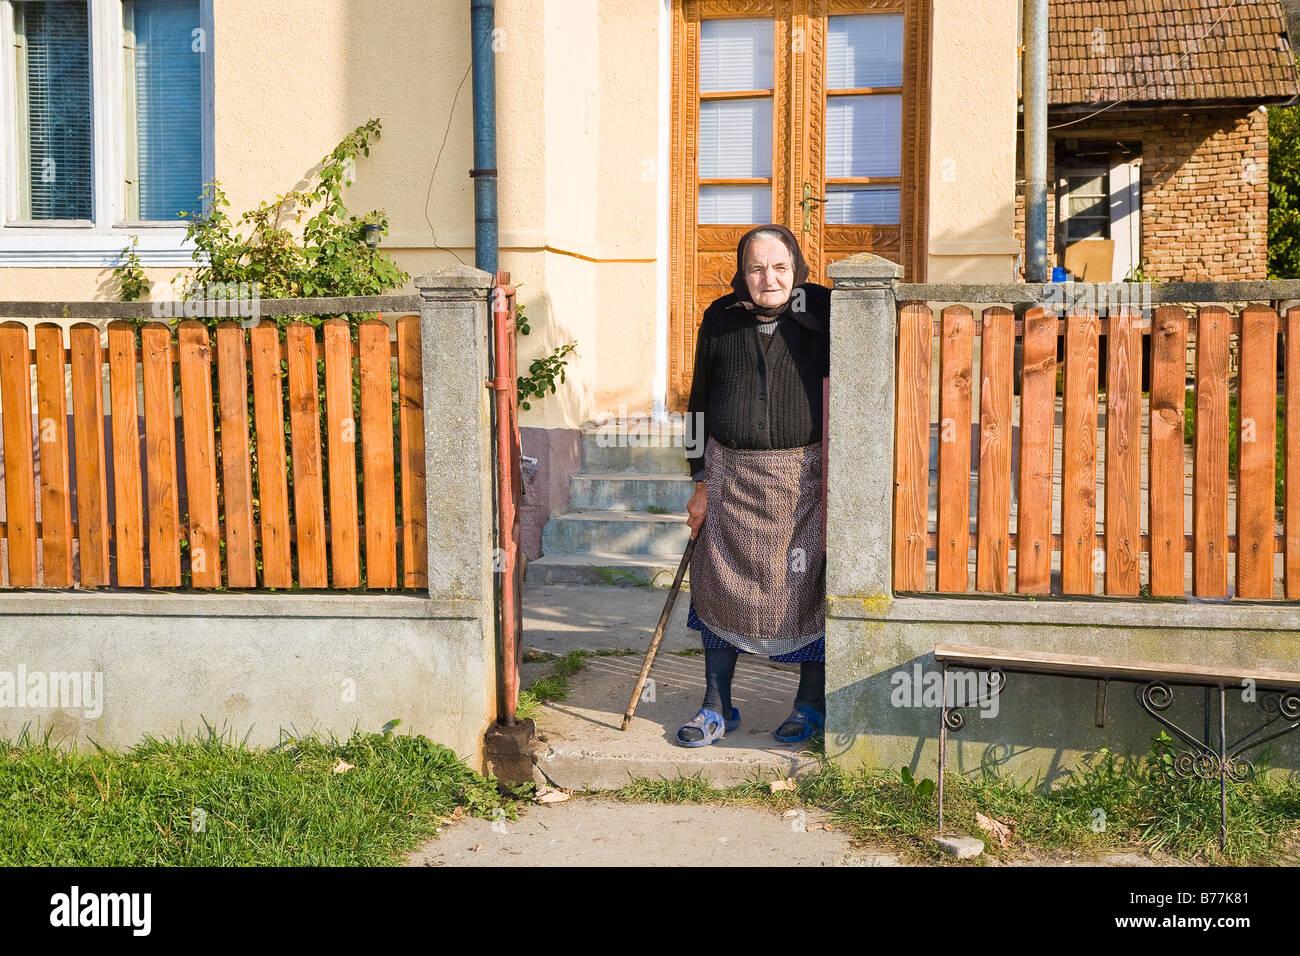 Portrat Einer Rumanischen Frau Mit Kopftuch Stand Neben Ihr Zaun